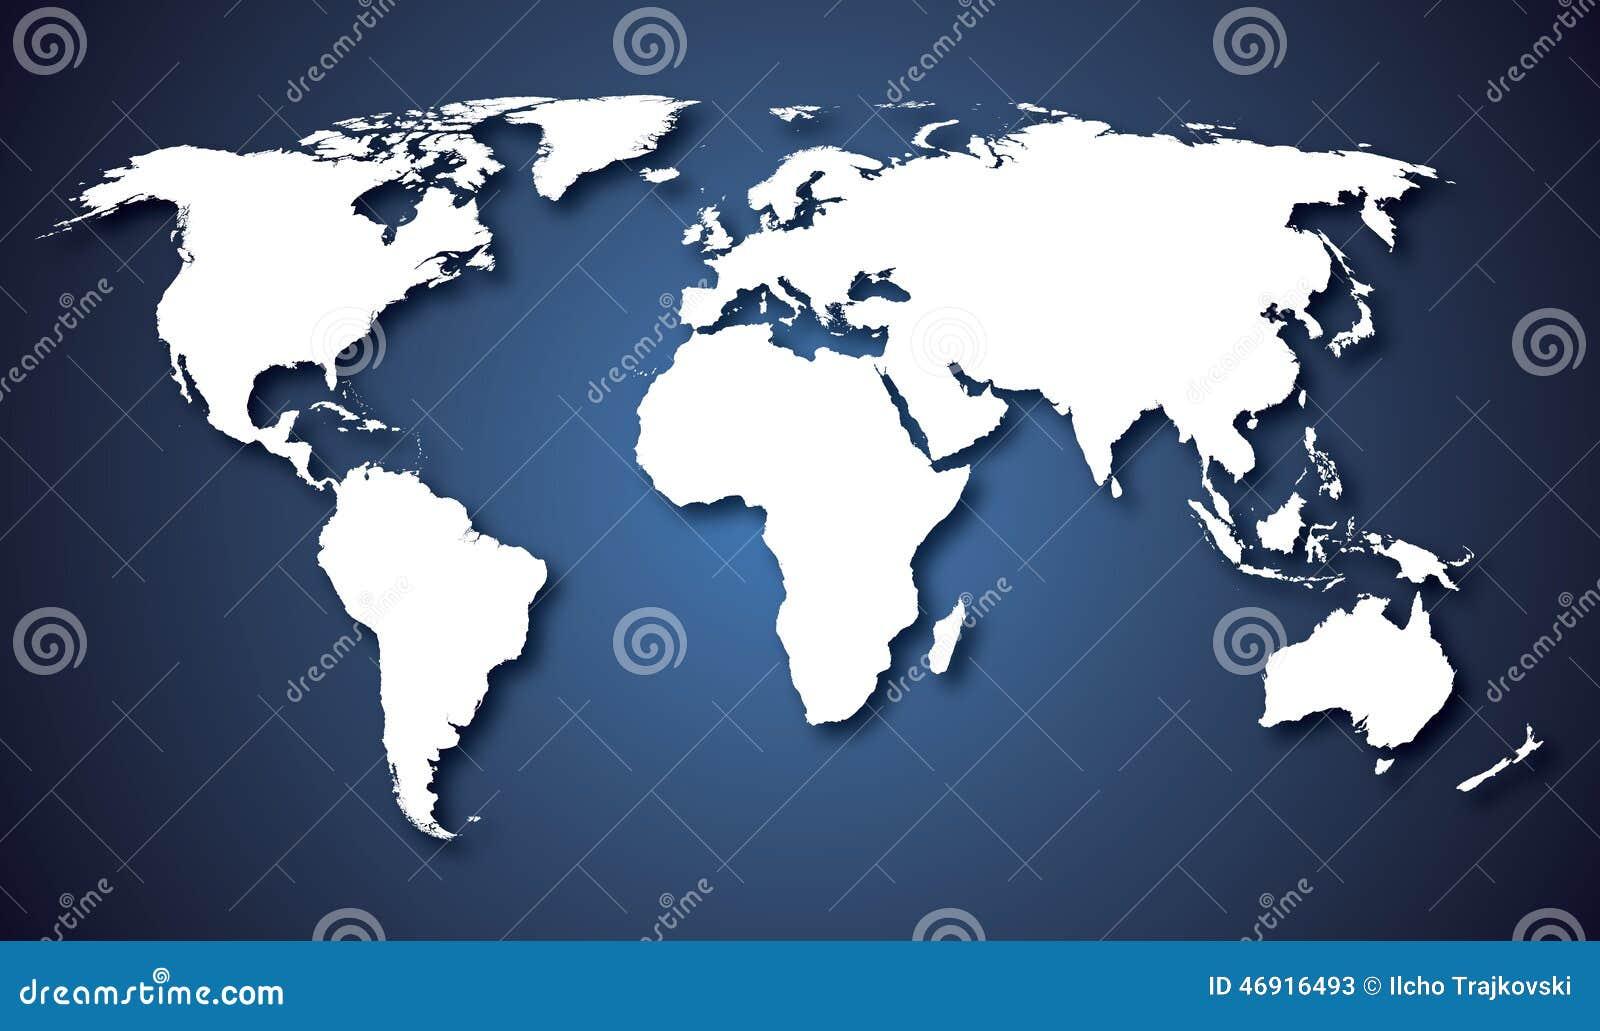 世界地图国家蓝色梯度